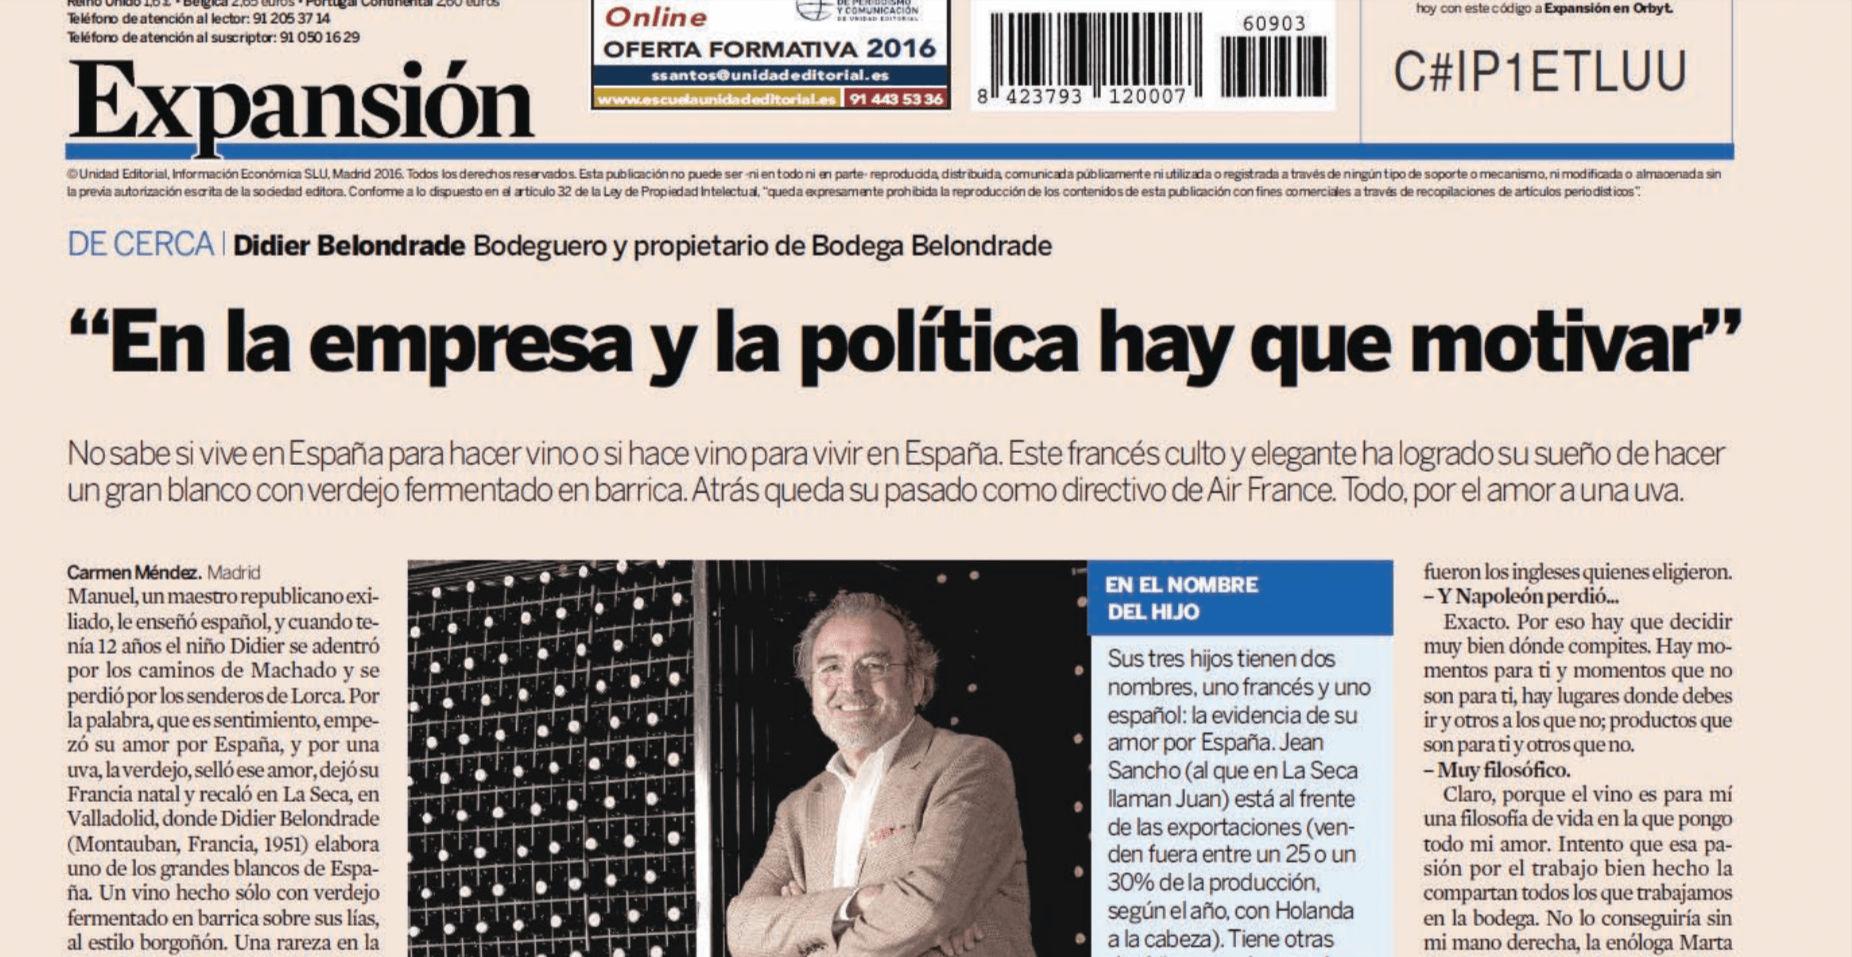 Entrevista a Didier Belondrade - Expansión por Carmen Méndez